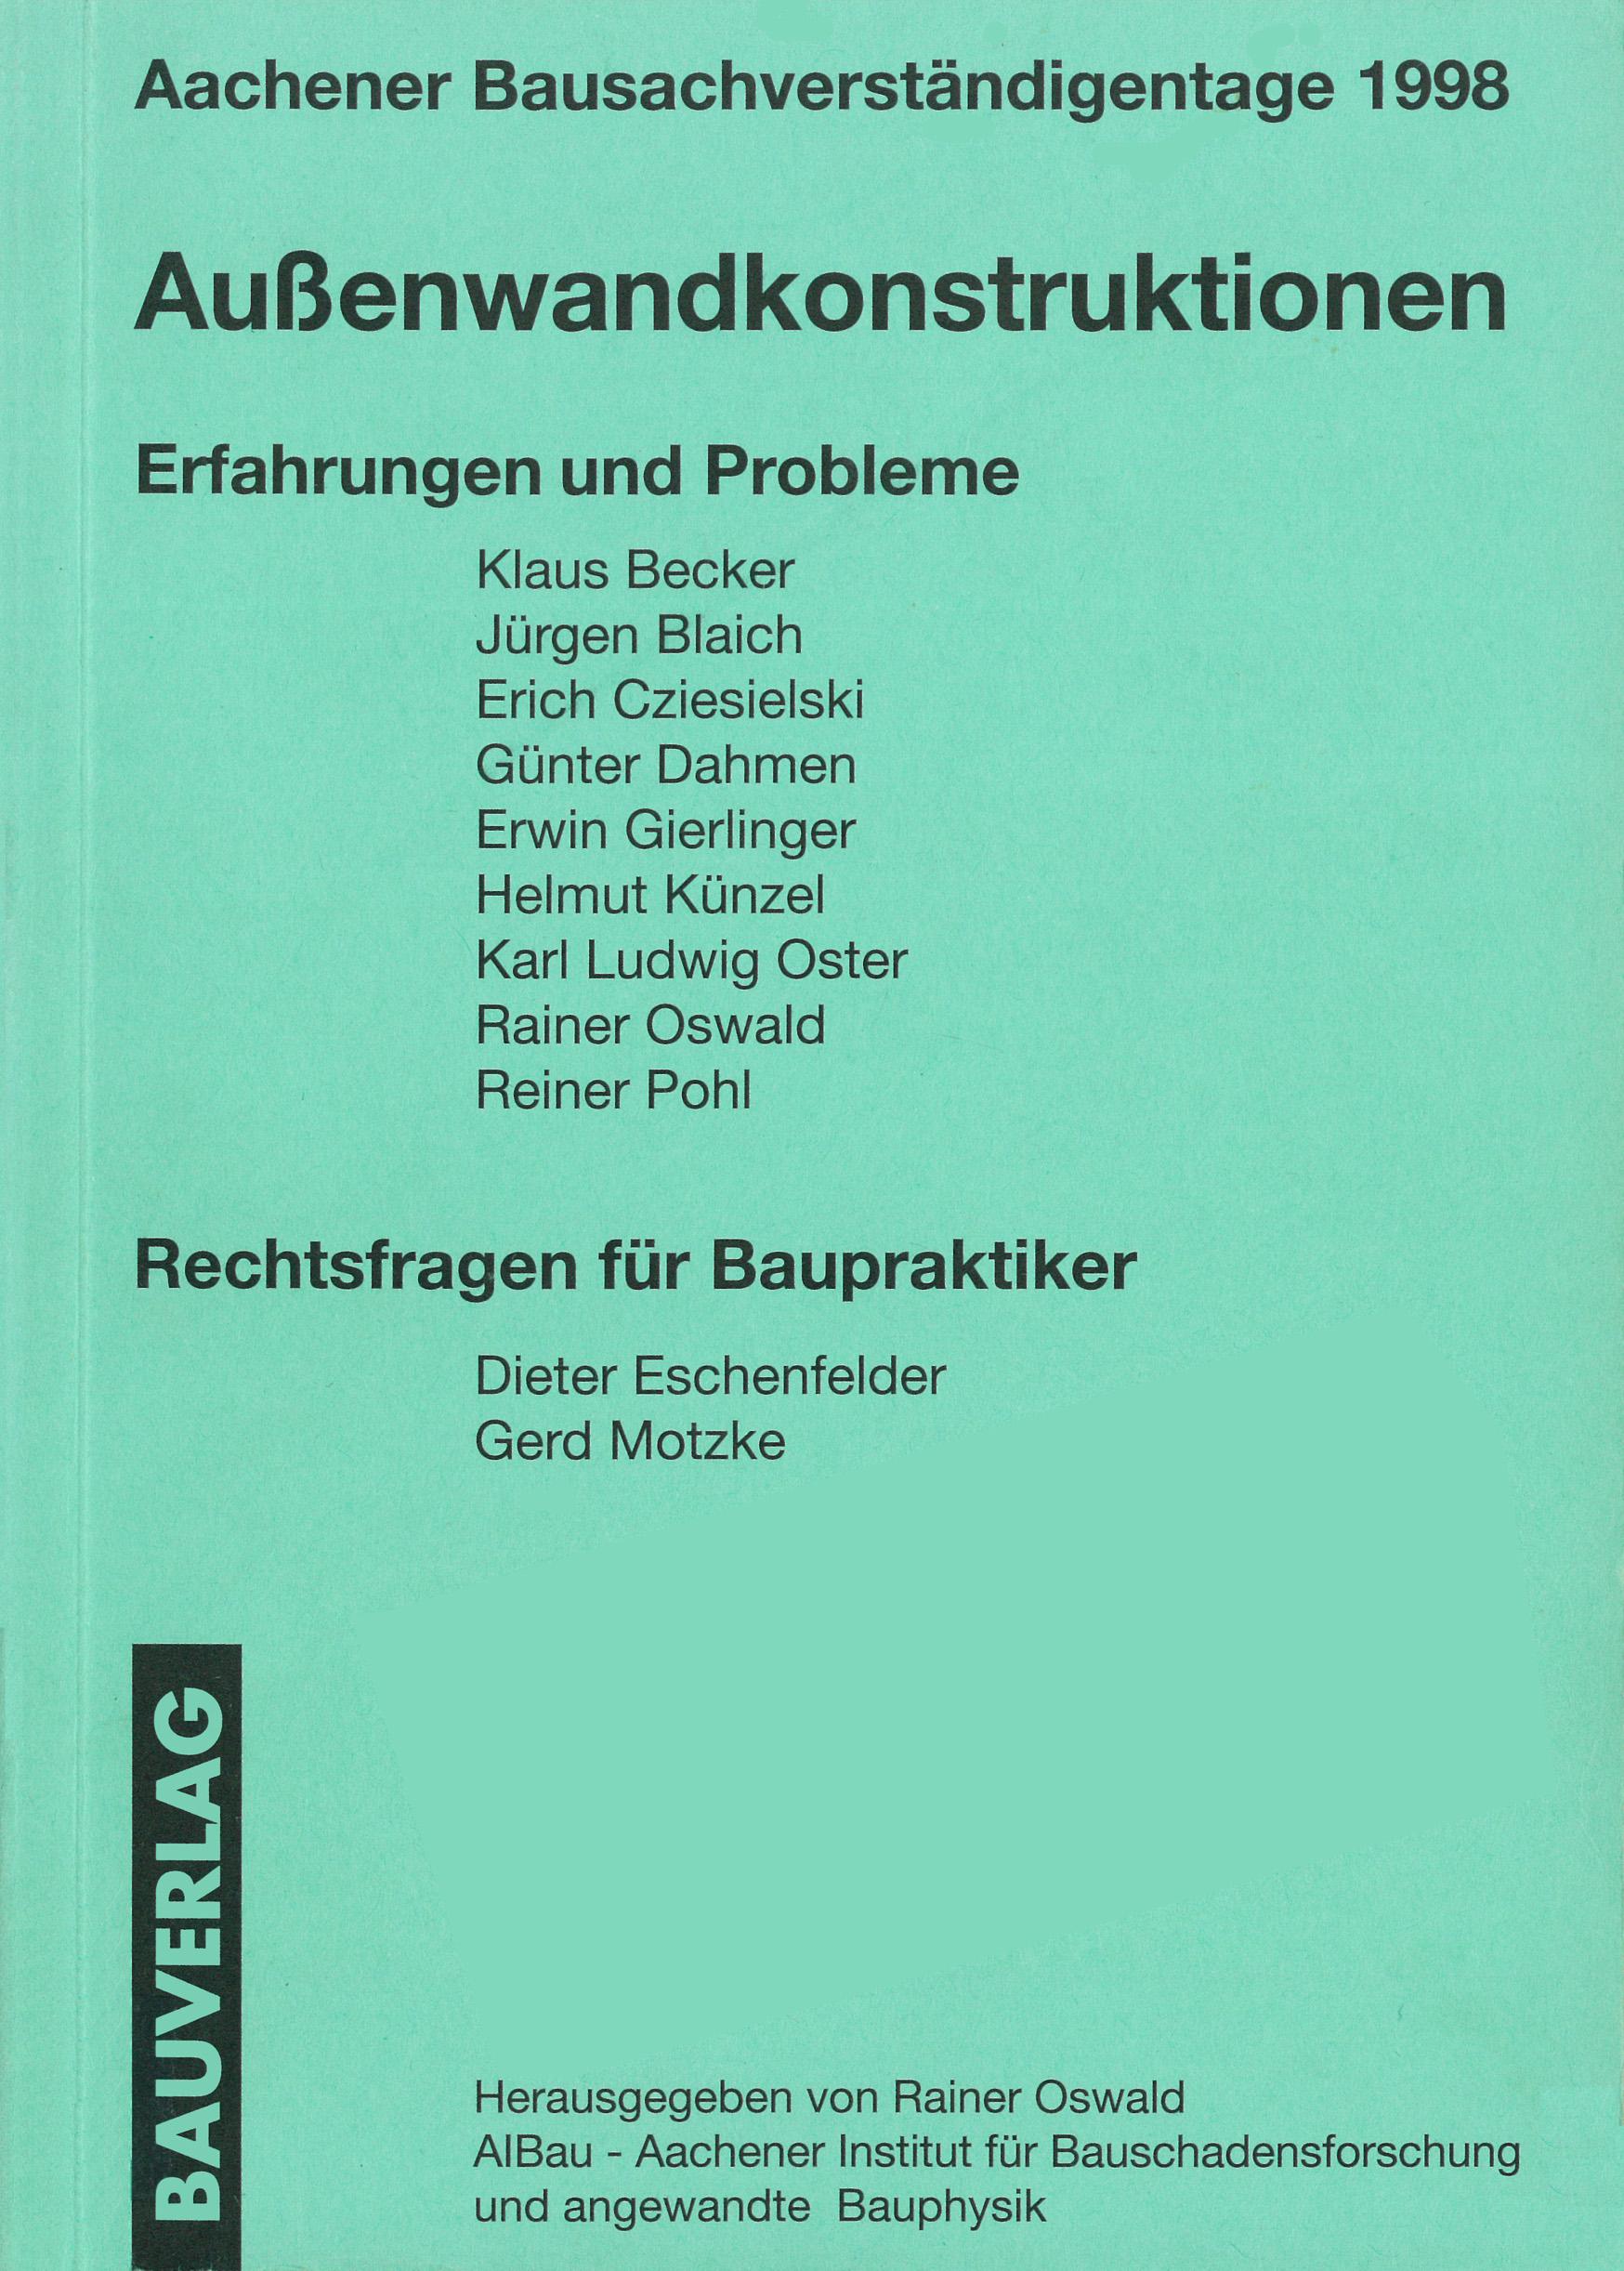 Außenwandkonstruktionen – Erfahrungen und Probleme